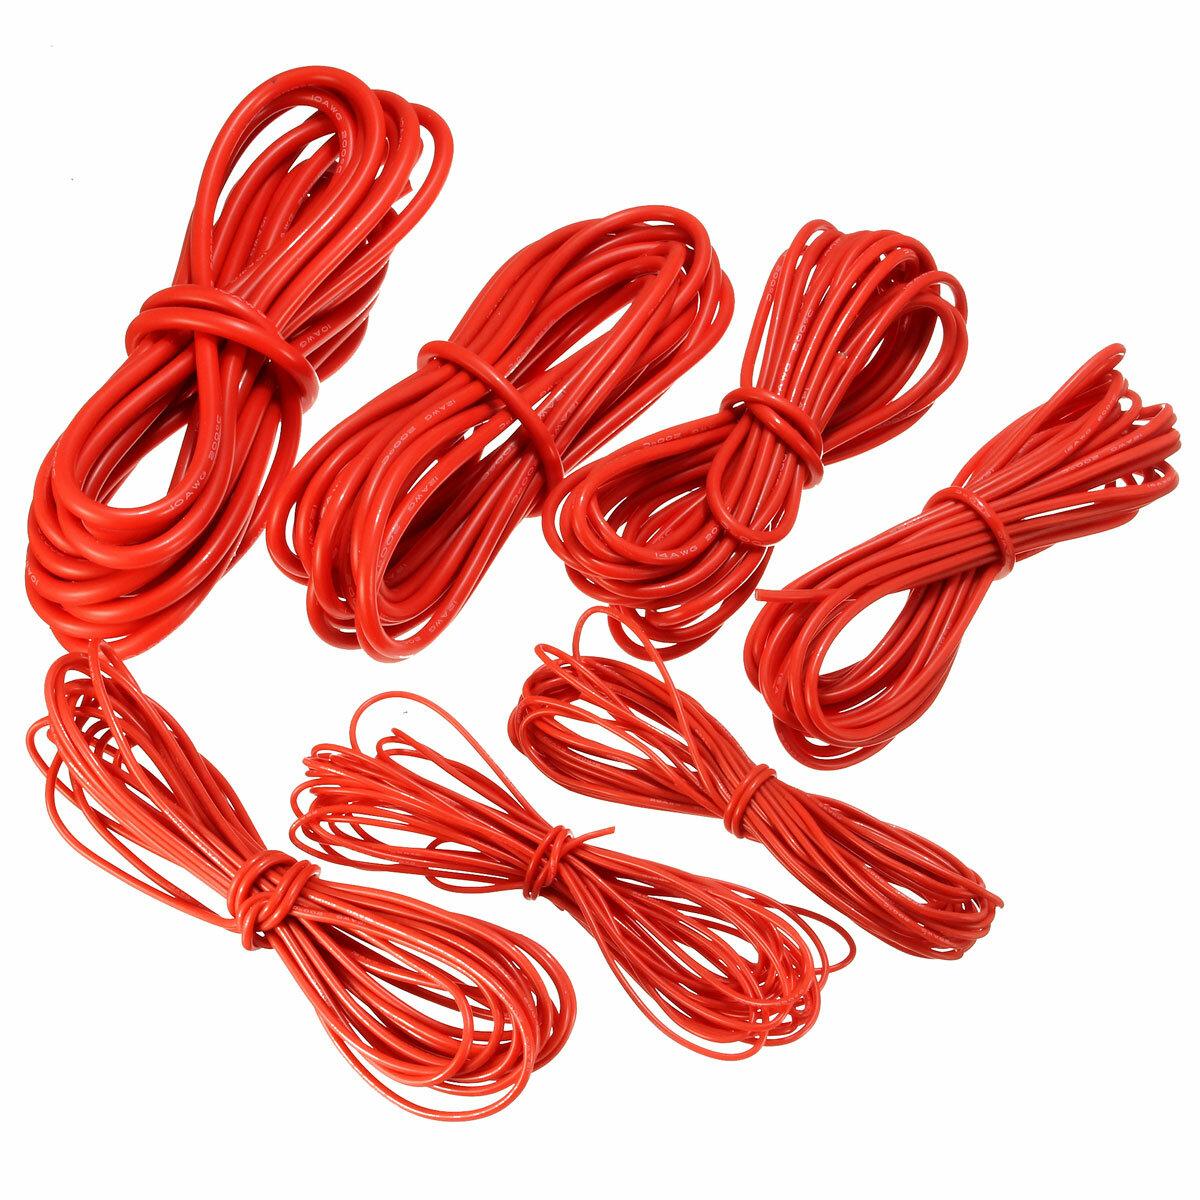 DANIU  5 Метр Красный силиконовый проводной кабель 10/12/14/16/18/20 / 22AWG Гибкий кабель